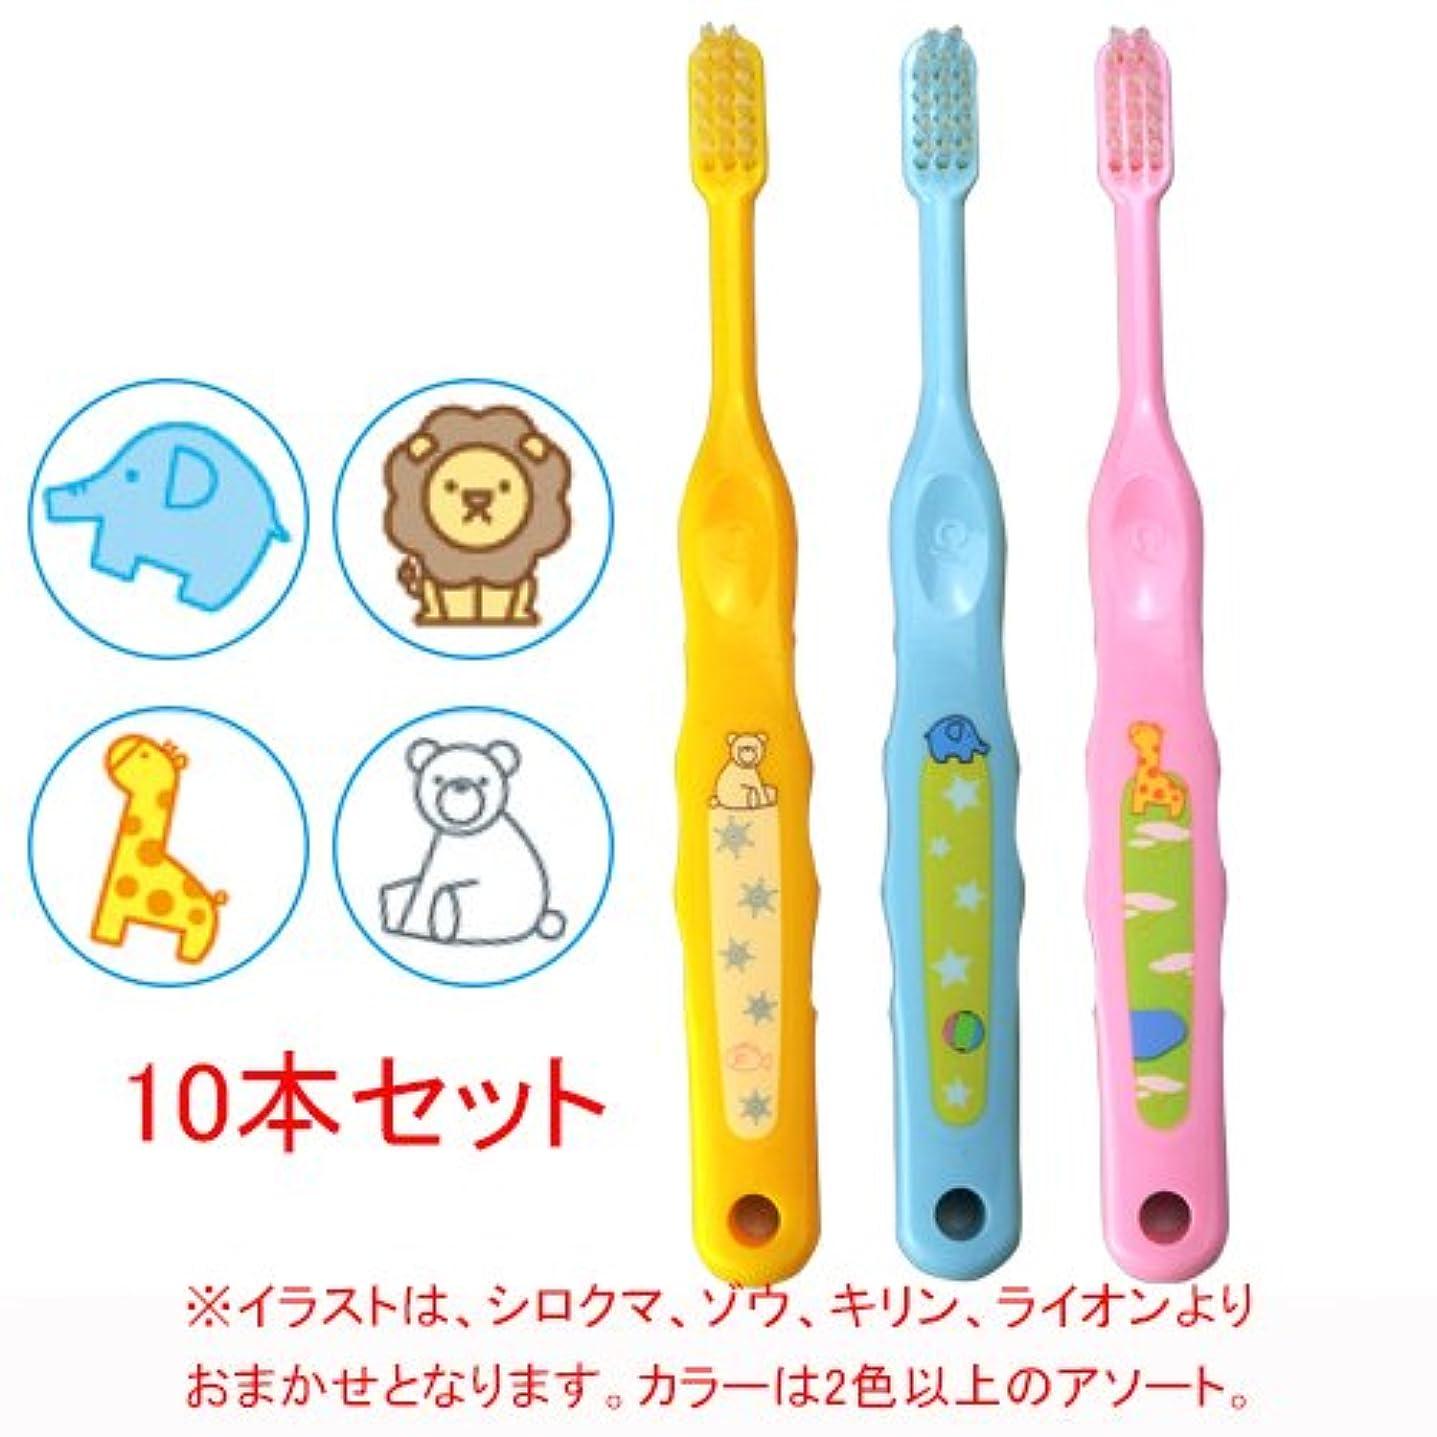 避けるバンジョー効果Ciメディカル Ci なまえ歯ブラシ 503 (やわらかめ) (乳児~小学生向)10本